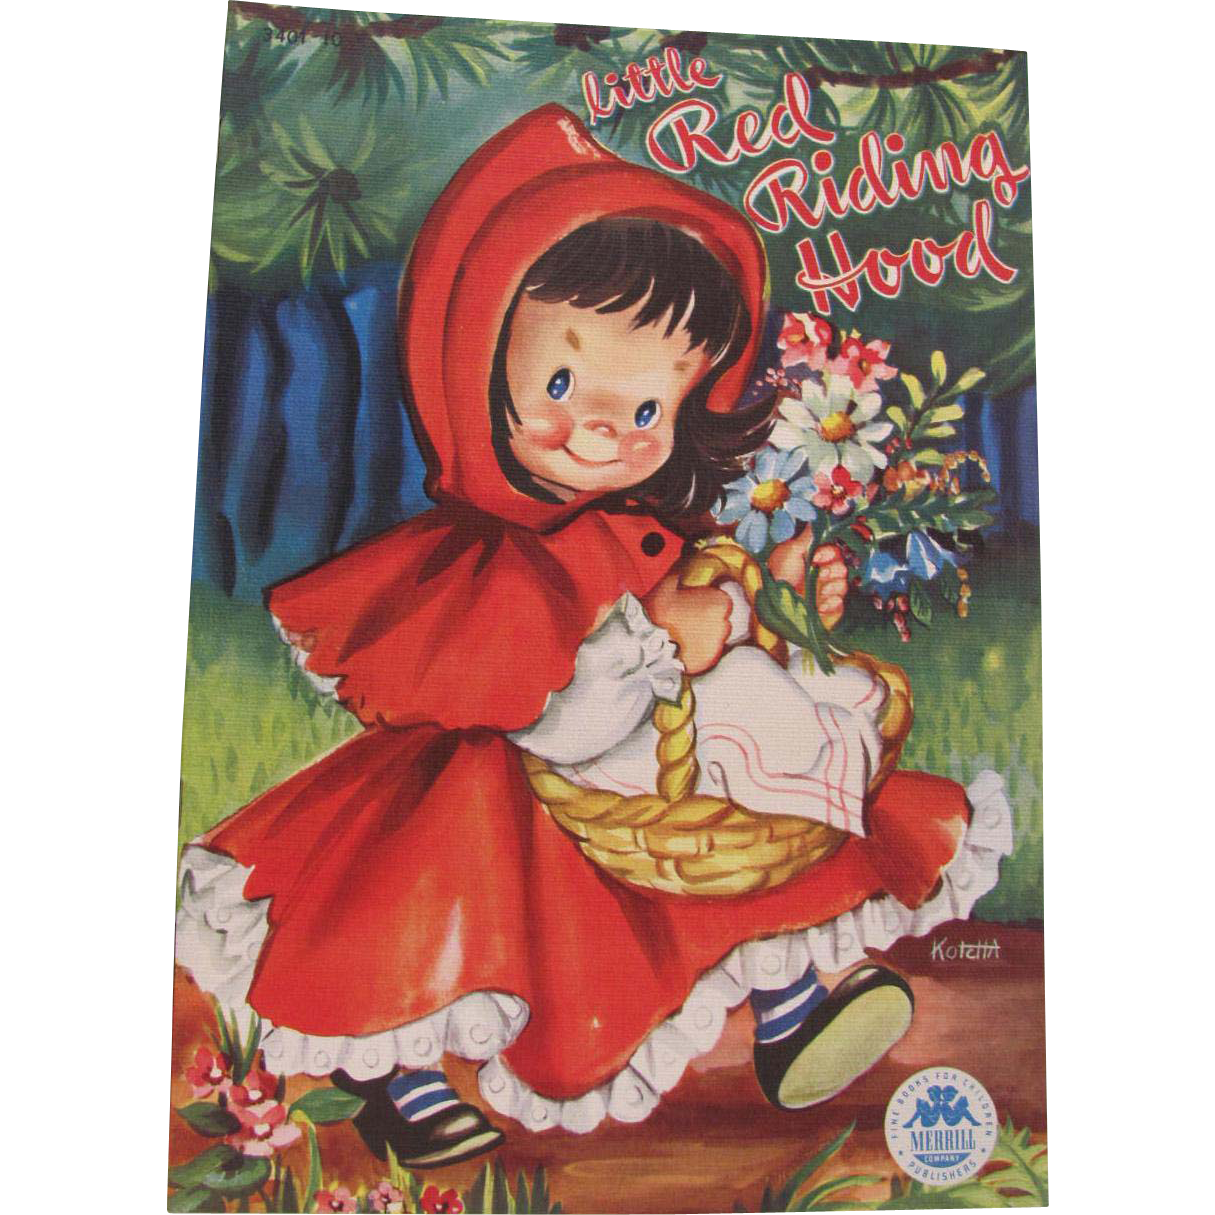 1949 Little Red Riding Hood Children's Book